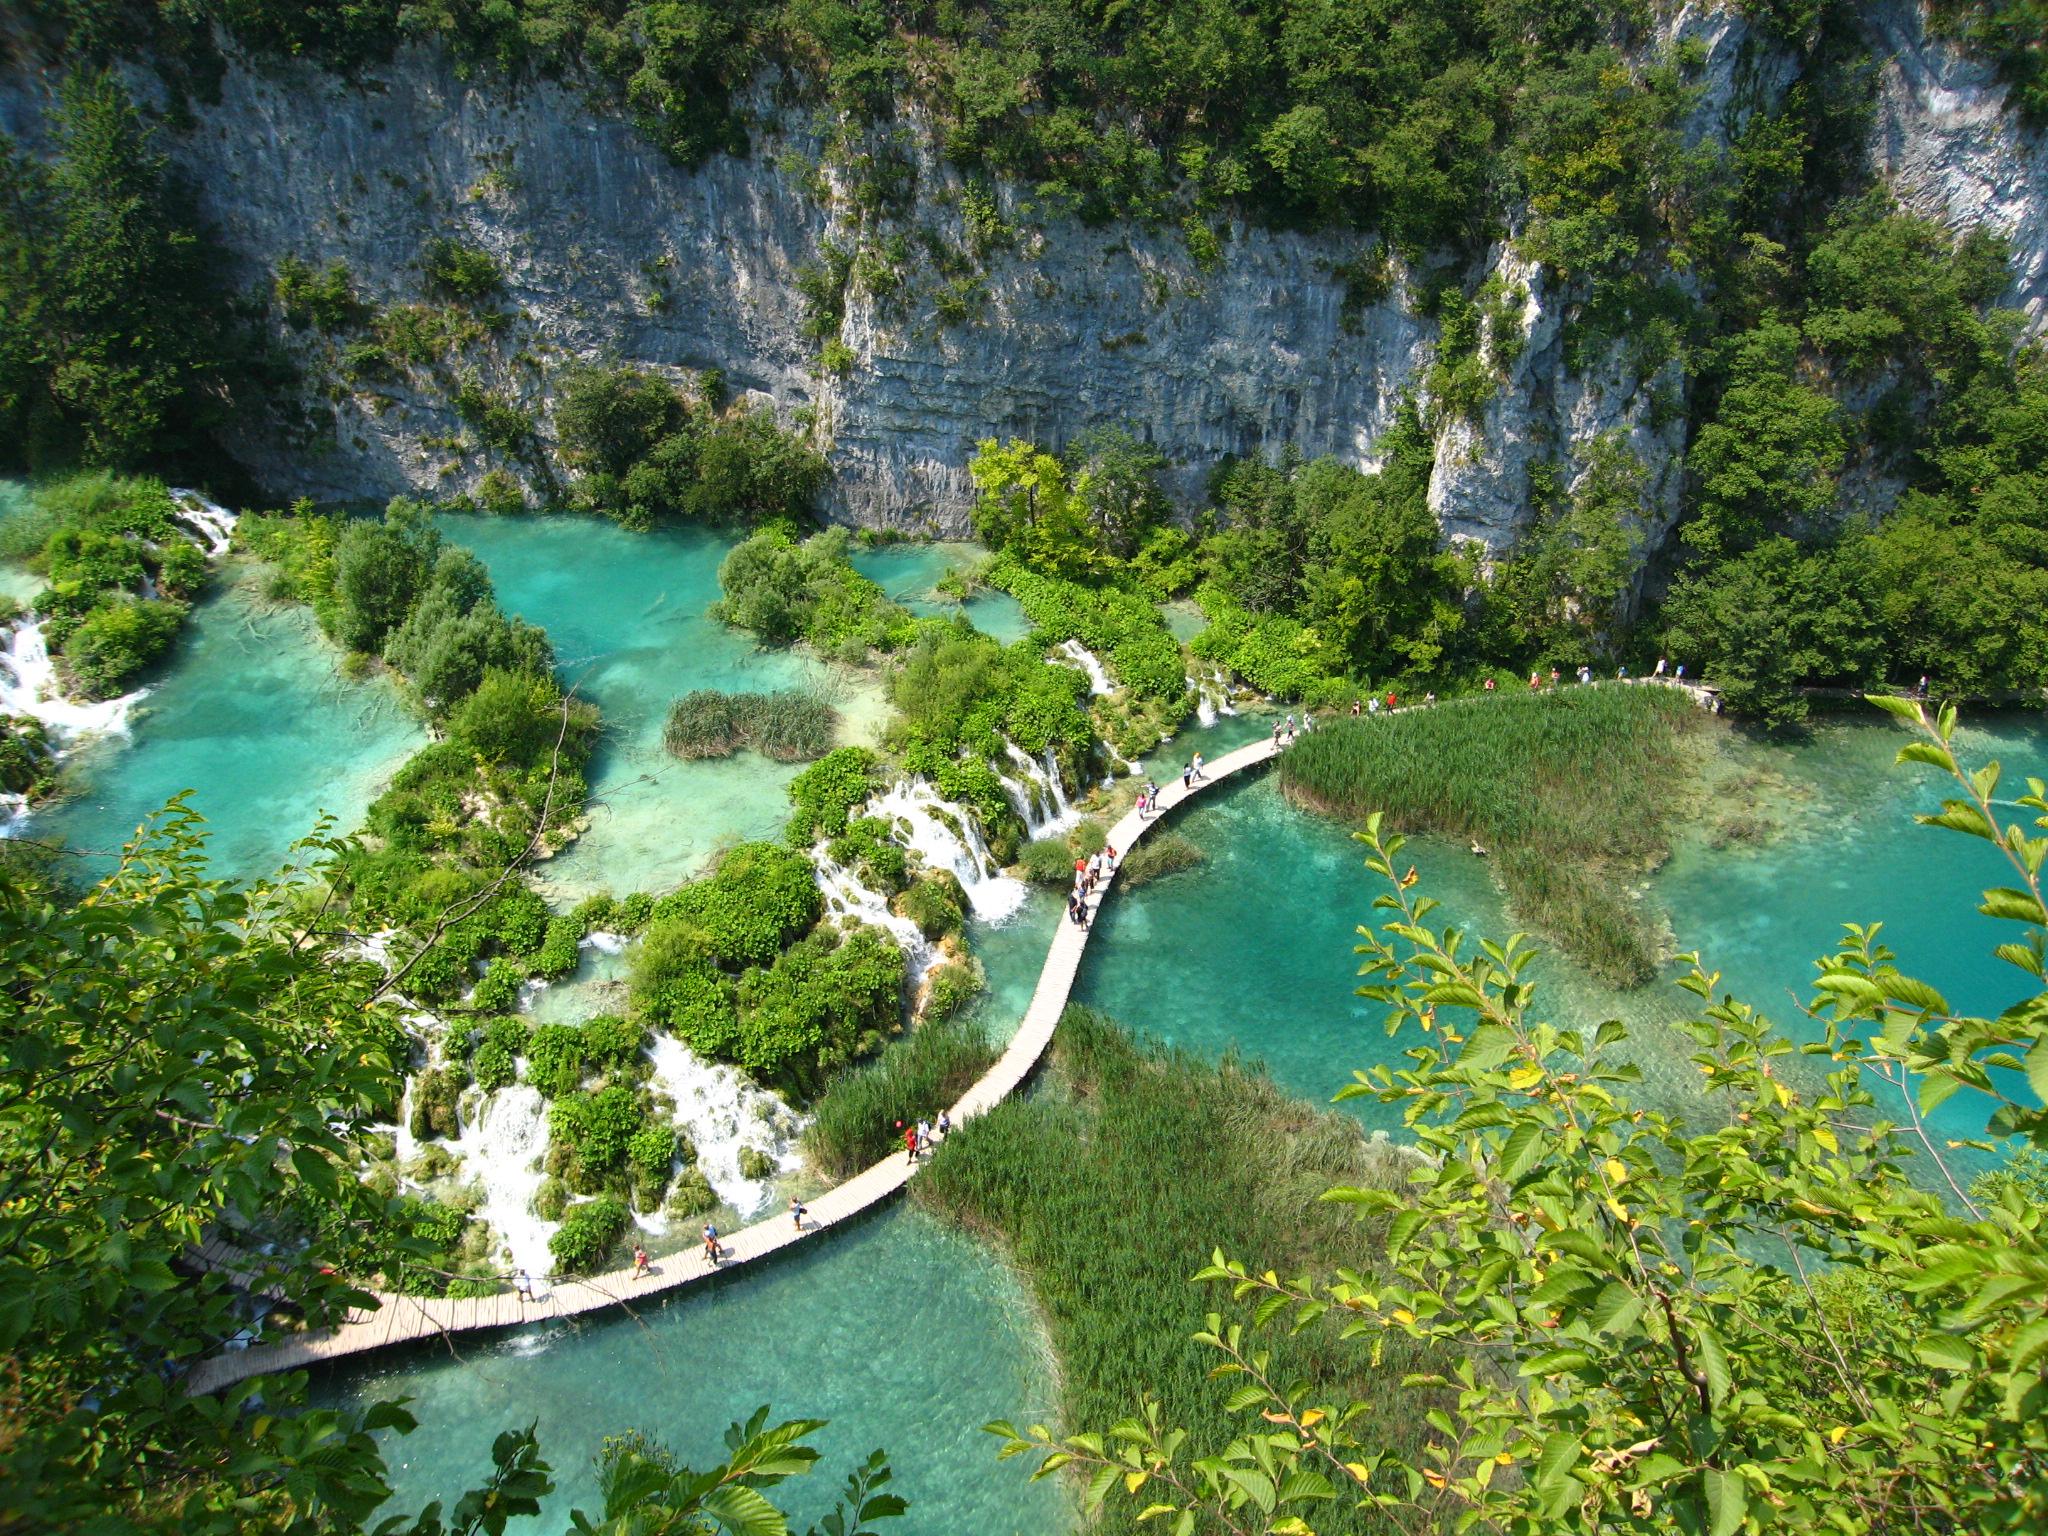 Une merveilleuse découverte, les lacs de Plitvice en Croatie